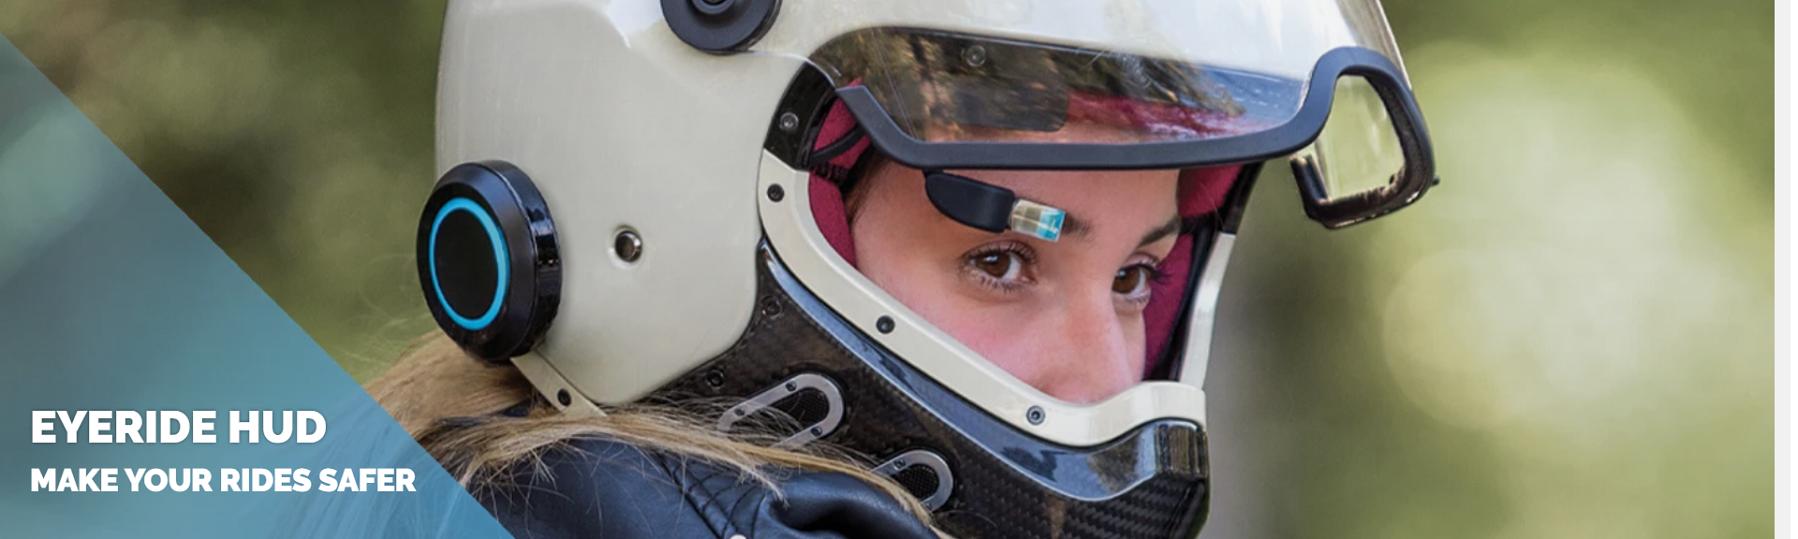 Interkom z zintegrowanym wyświetlaczem headup dla motocyklisty